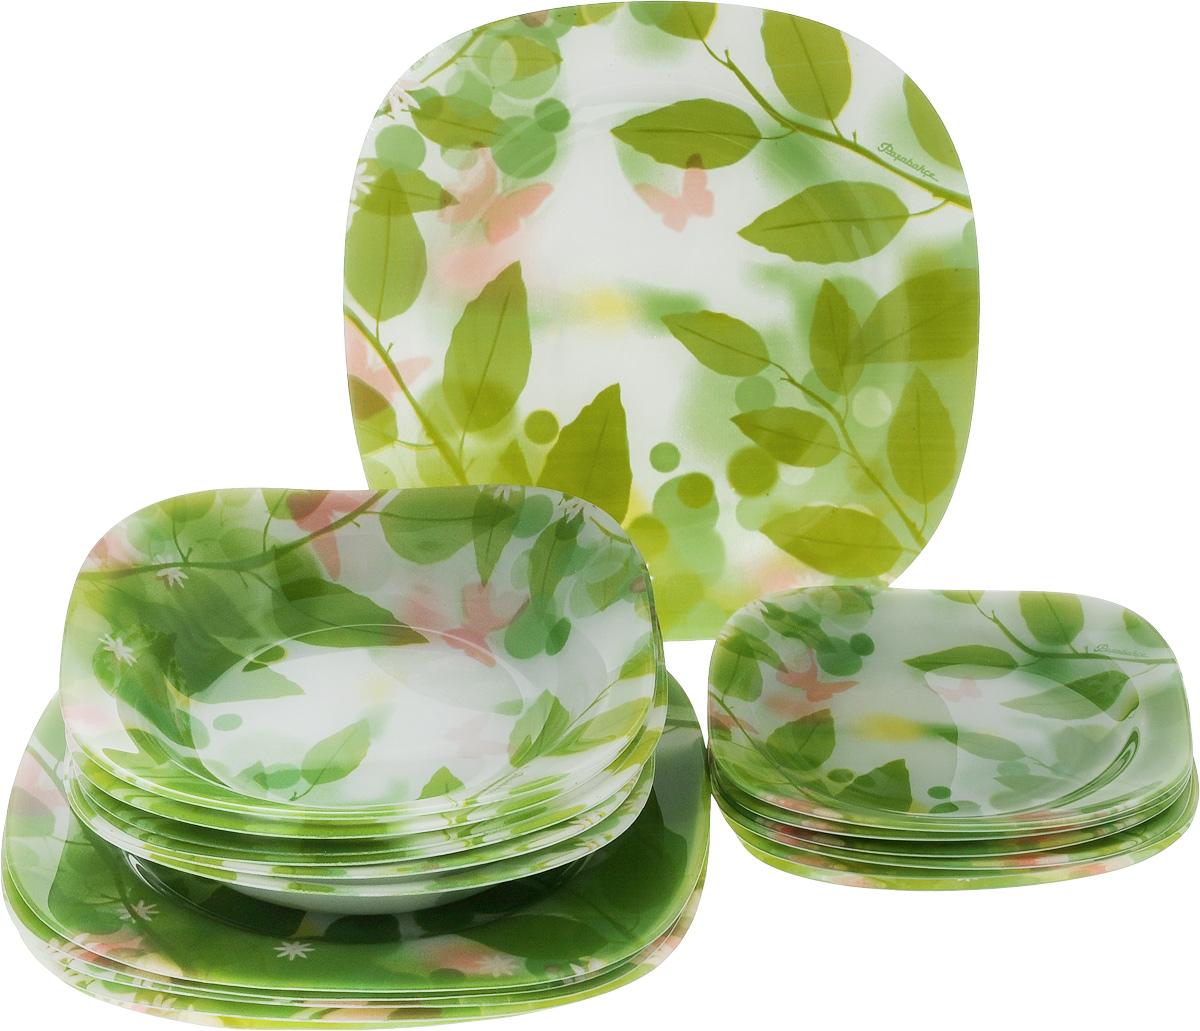 Набор тарелок Pasabahce Butterflies, 18 шт54 009312Набор Pasabahce Butterflies состоит из 6 десертных тарелок, 6 глубоких тарелок и 6 обеденных тарелок, выполненных из высококачественного натрий-кальций-силикатного стекла. Изделия предназначены для красивой сервировки различных блюд. Набор сочетает в себе изысканный дизайн с максимальной функциональностью. Размер десертной тарелки: 18,5 х 18,5 см.Высота десертной тарелки: 2 см.Размер обеденной тарелки: 26 х 26 см.Высота обеденной тарелки: 2 см.Размер глубокой тарелки: 21 х 21 см.Высота глубокой тарелки: 3,5 см.